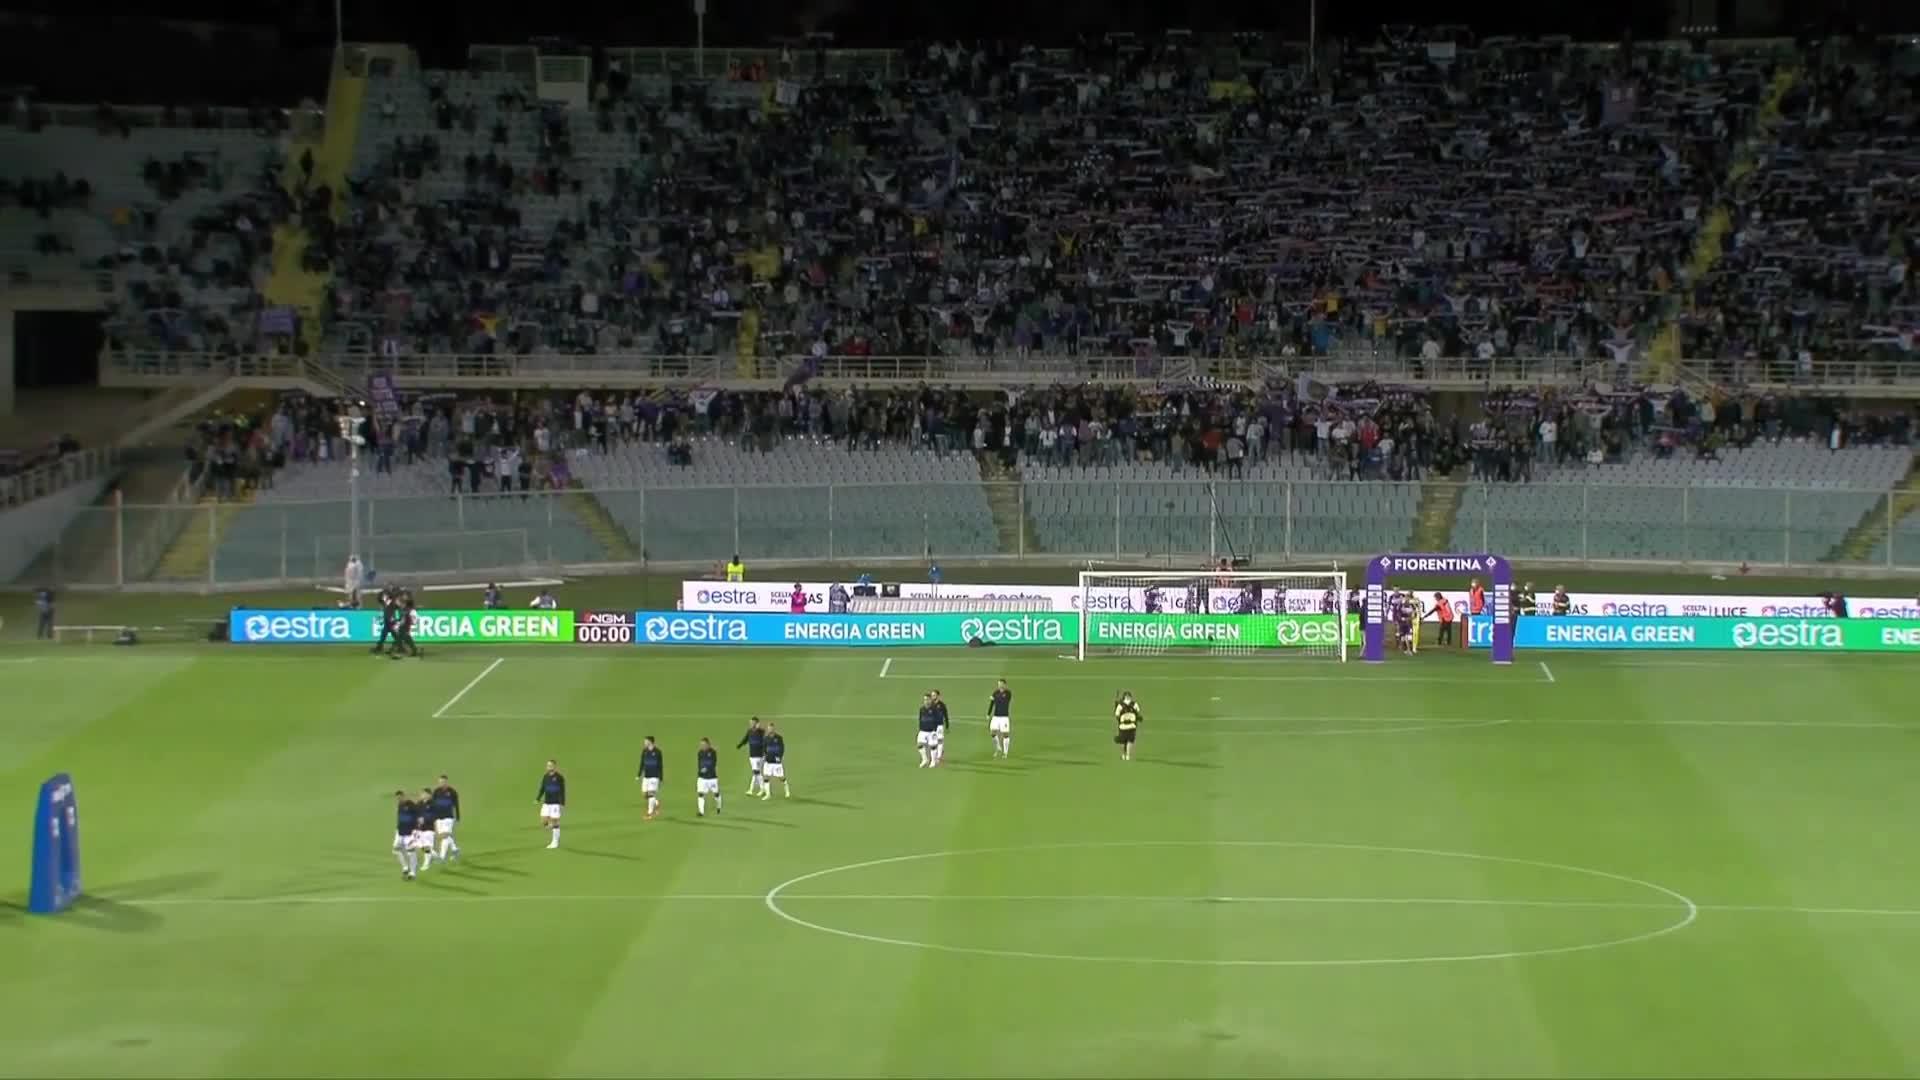 【集锦】意甲-达米安建功哲科破门 国米3-1逆转佛罗伦萨